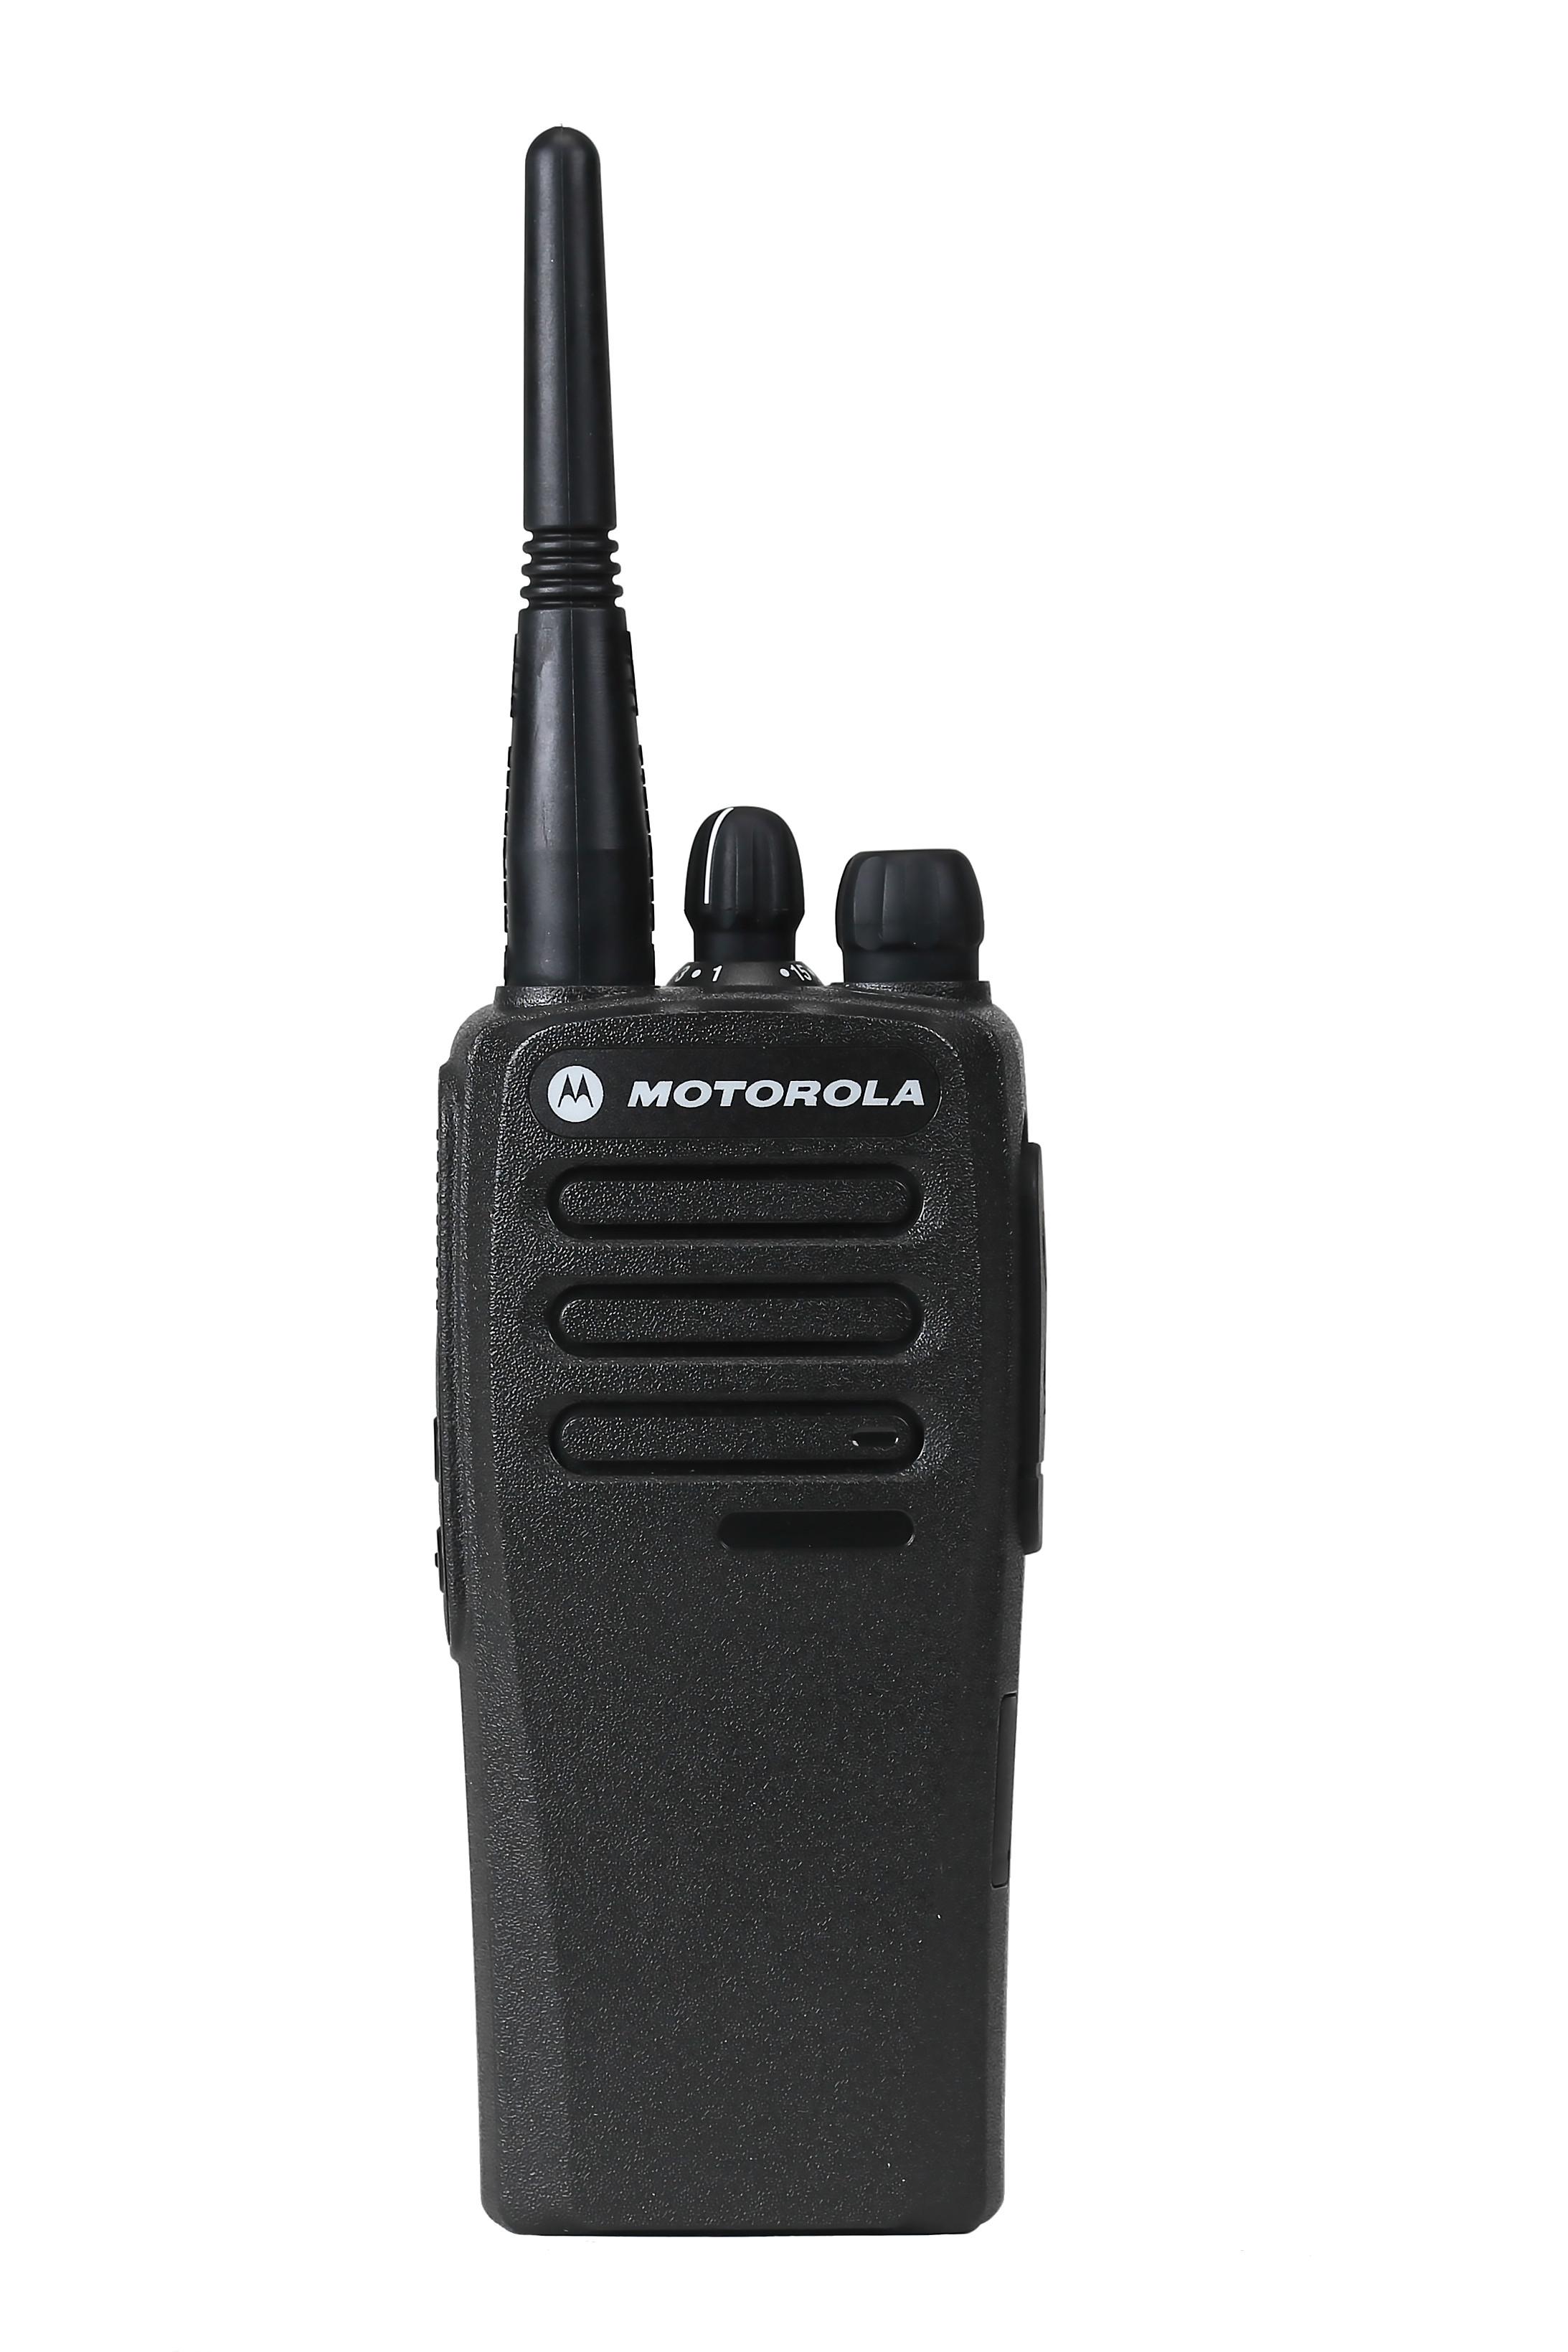 Профессиональная портативная рация Motorola DP1400 (136-174) (+ настройка бесплатно!)